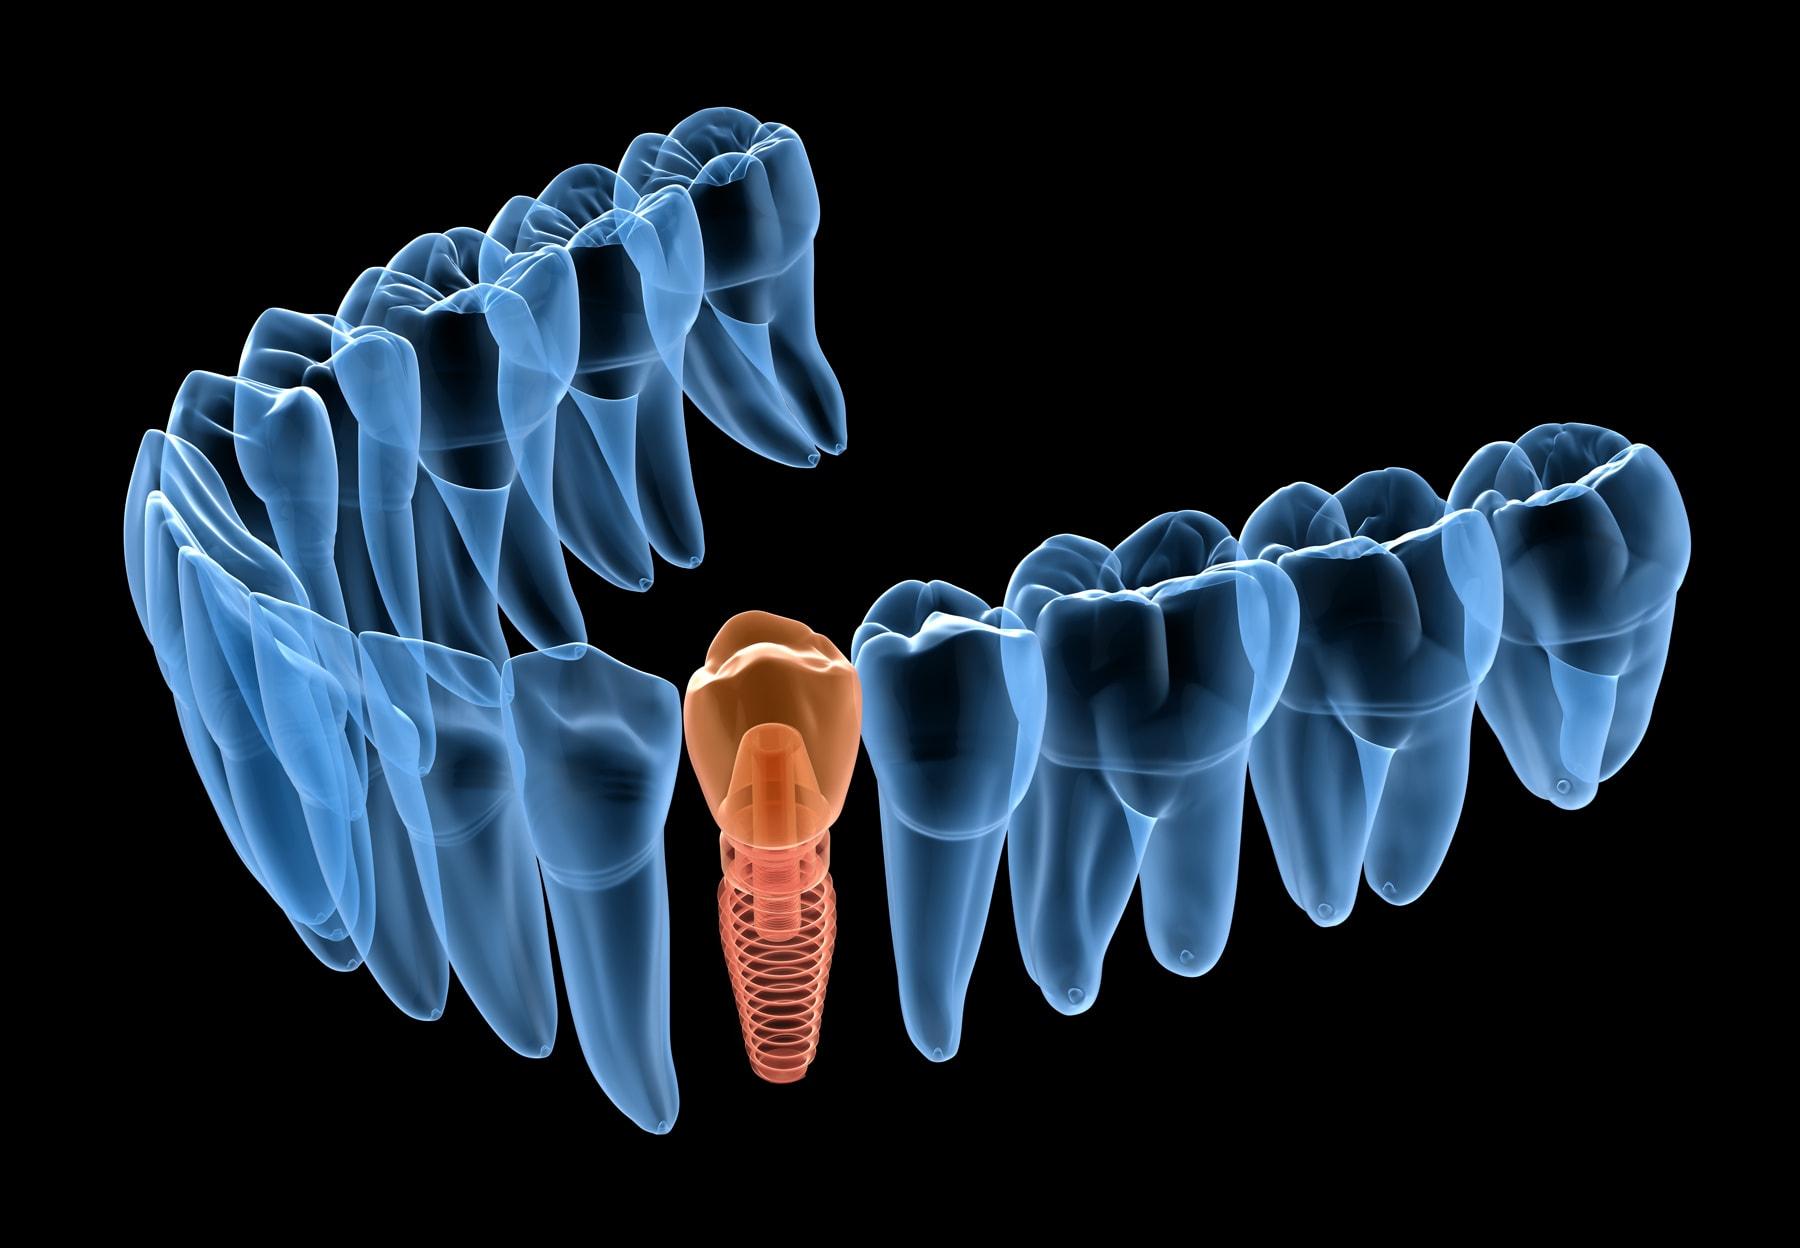 Broken molar tooth